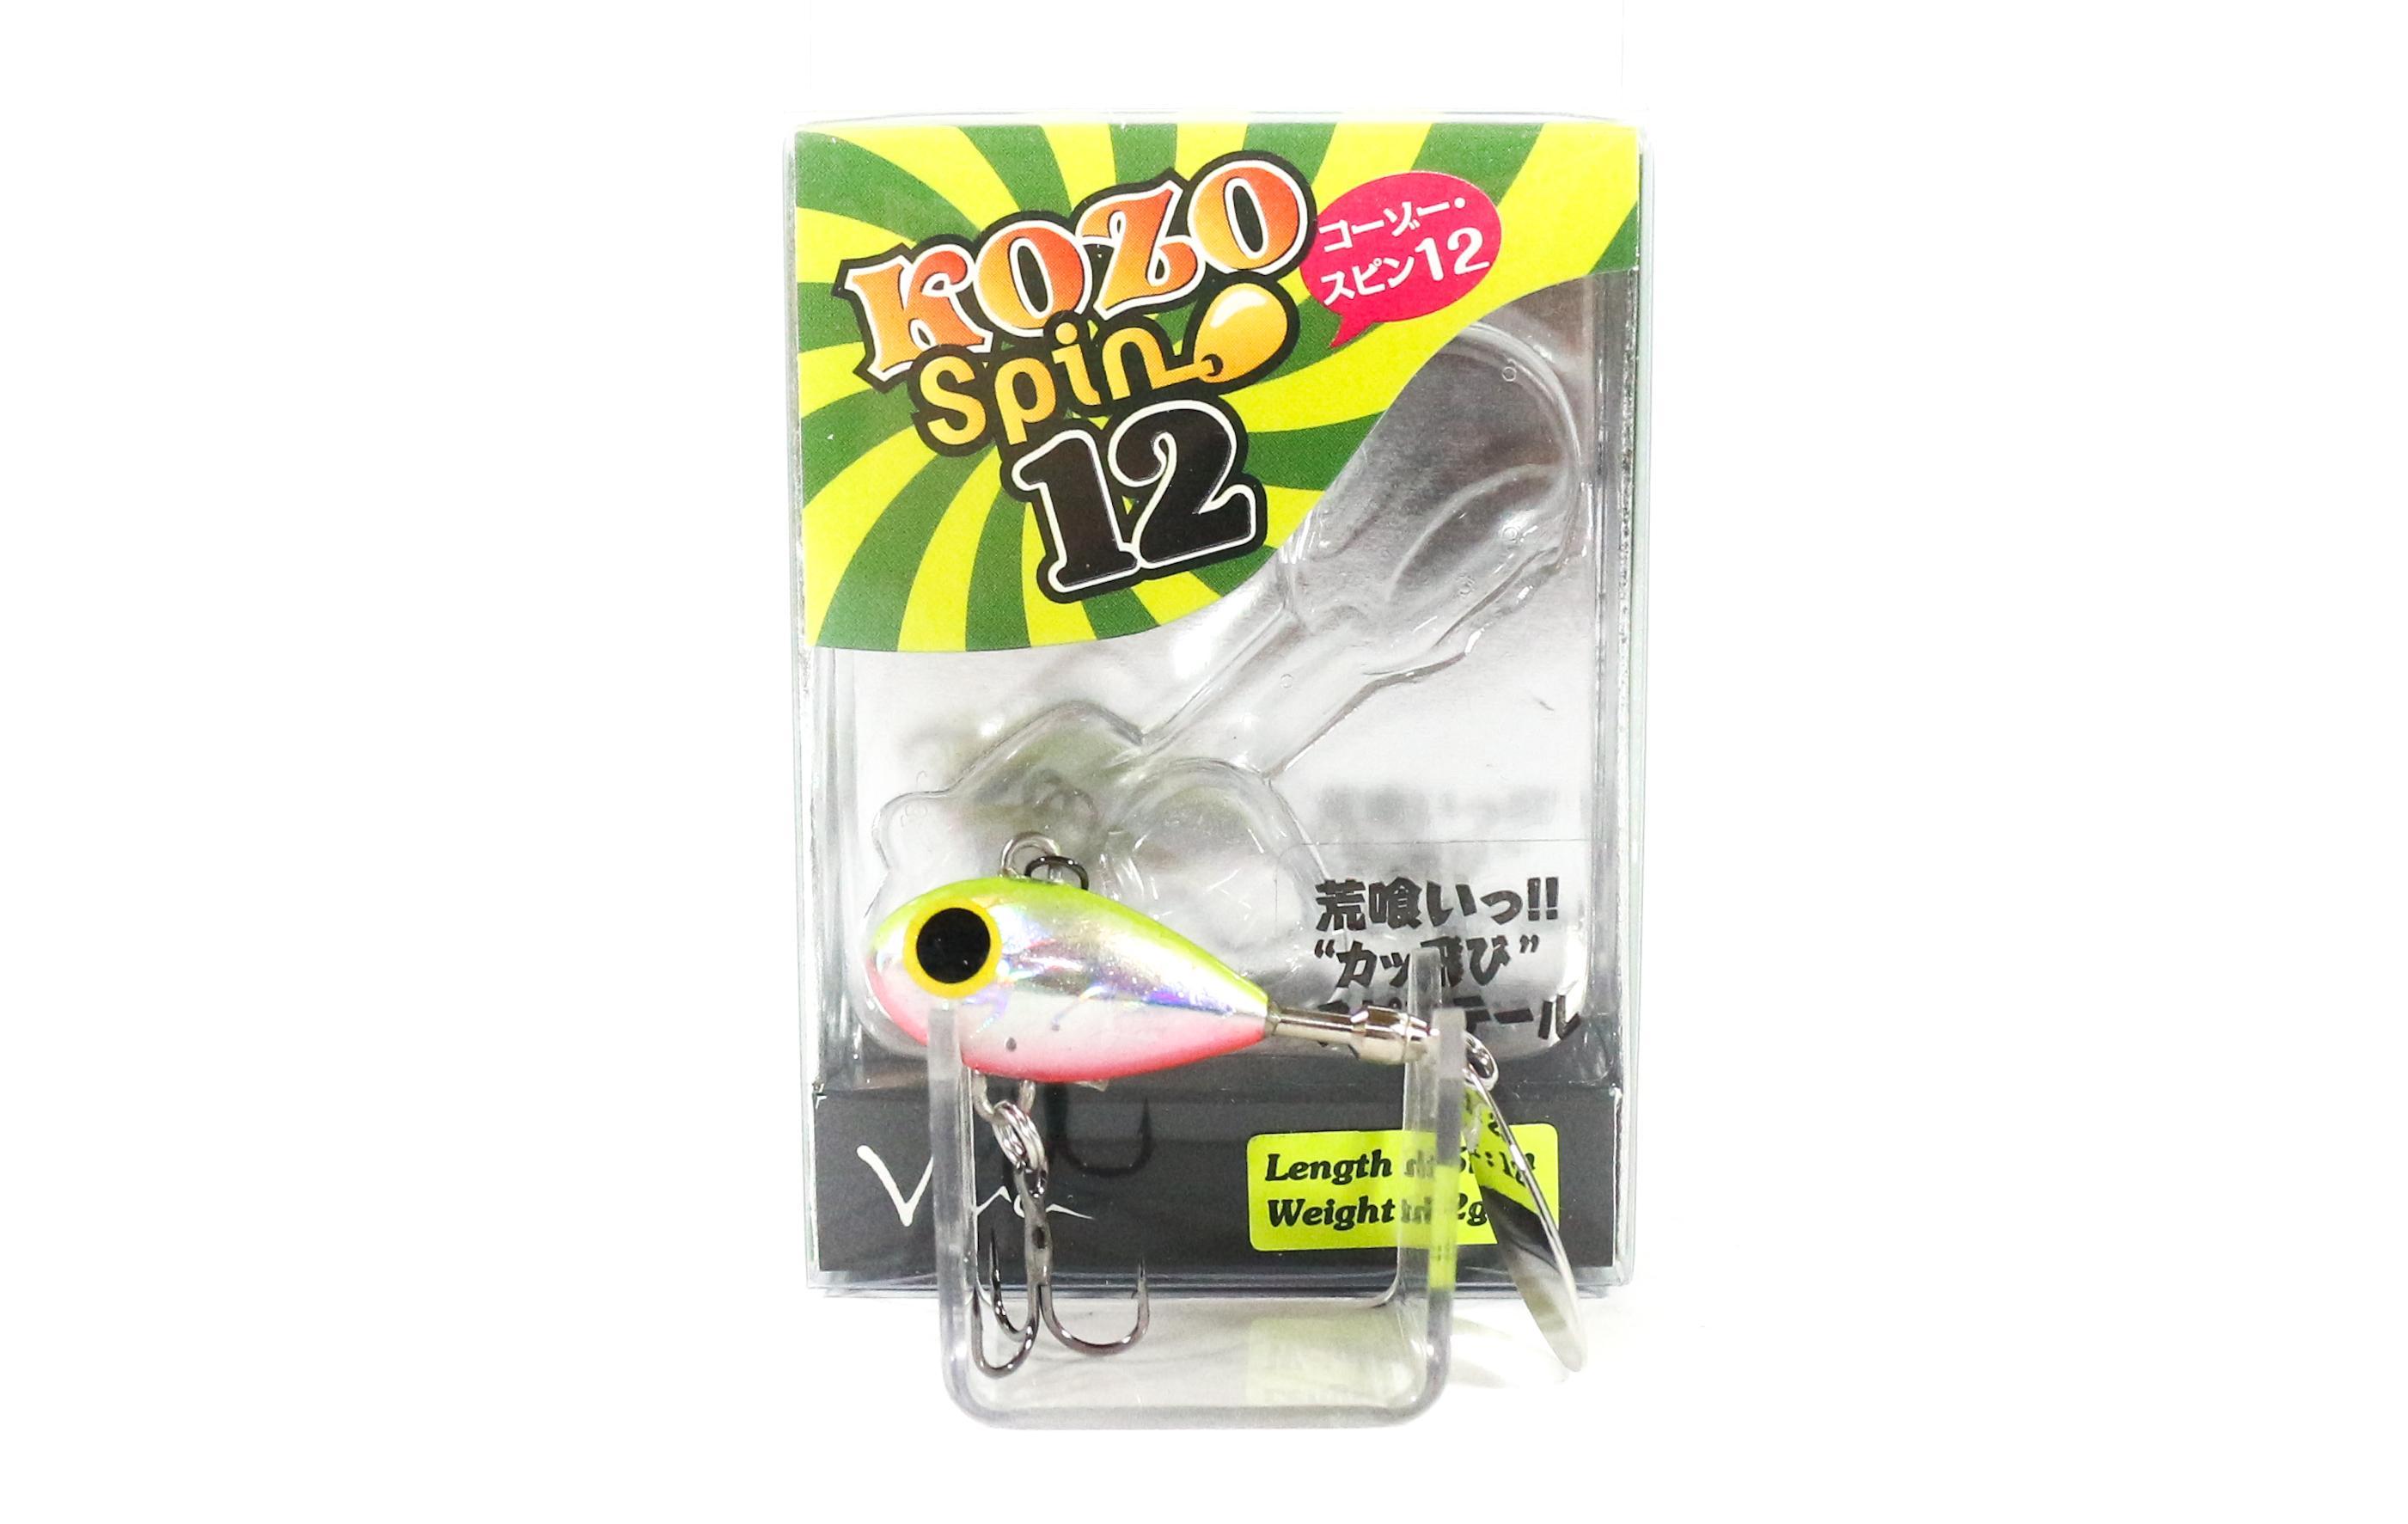 Viva Kozo Spin 12 grams Spinner Bait Lure 161 (7618)